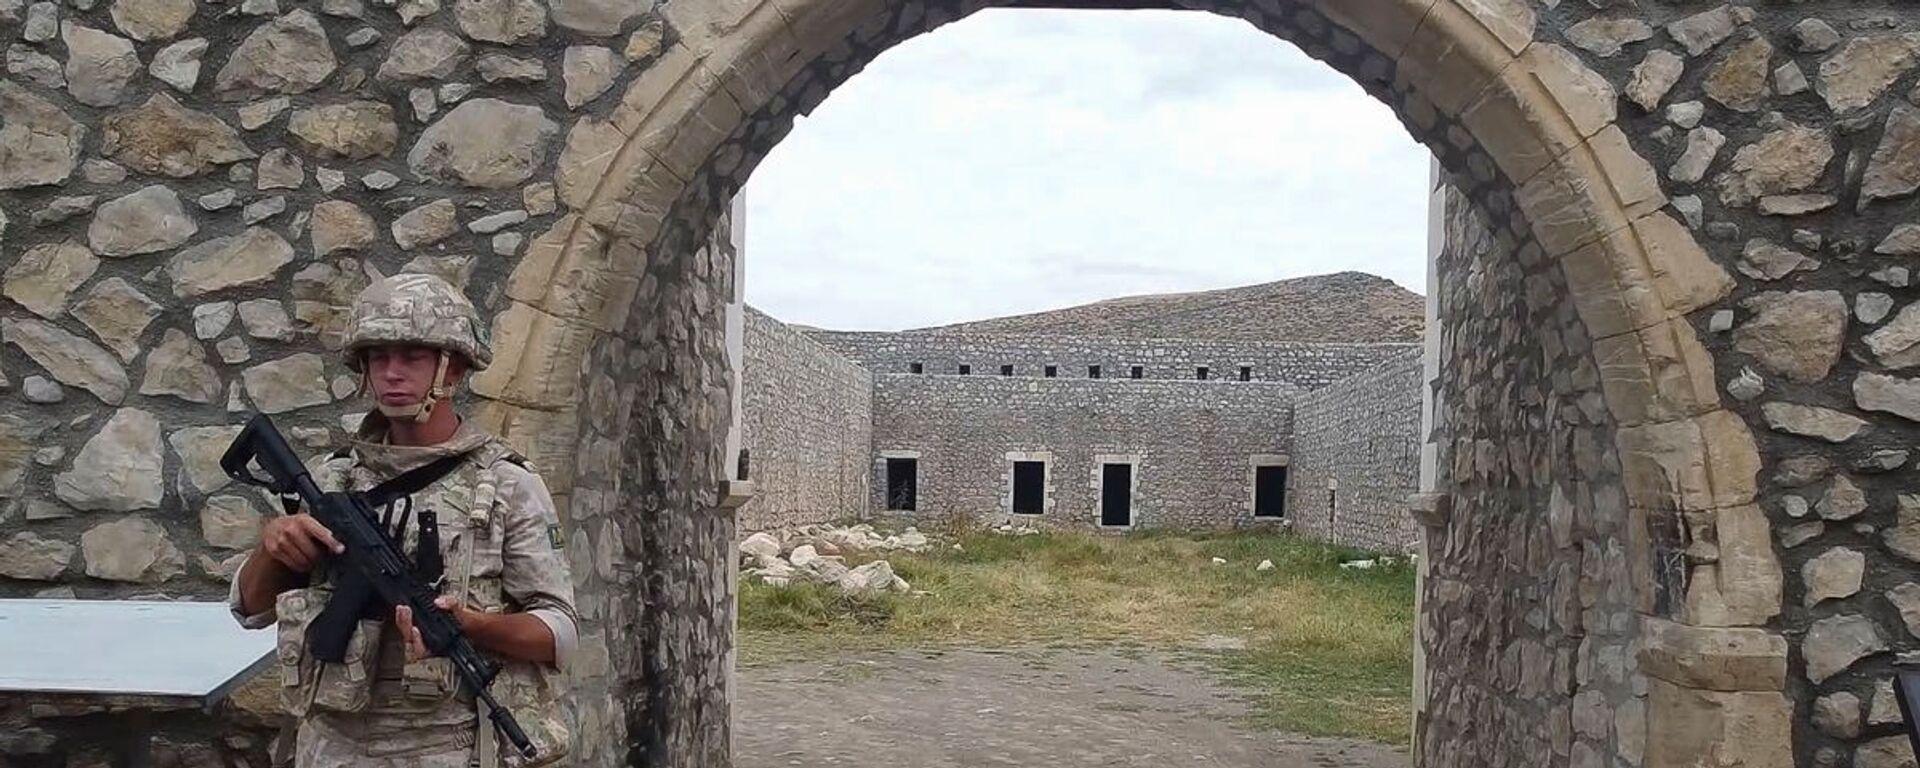 Российские миротворцы сопроводили более тысячи паломников и жителей Карабаха при посещении монастырского комплекса Амарас - Sputnik Армения, 1920, 22.09.2021